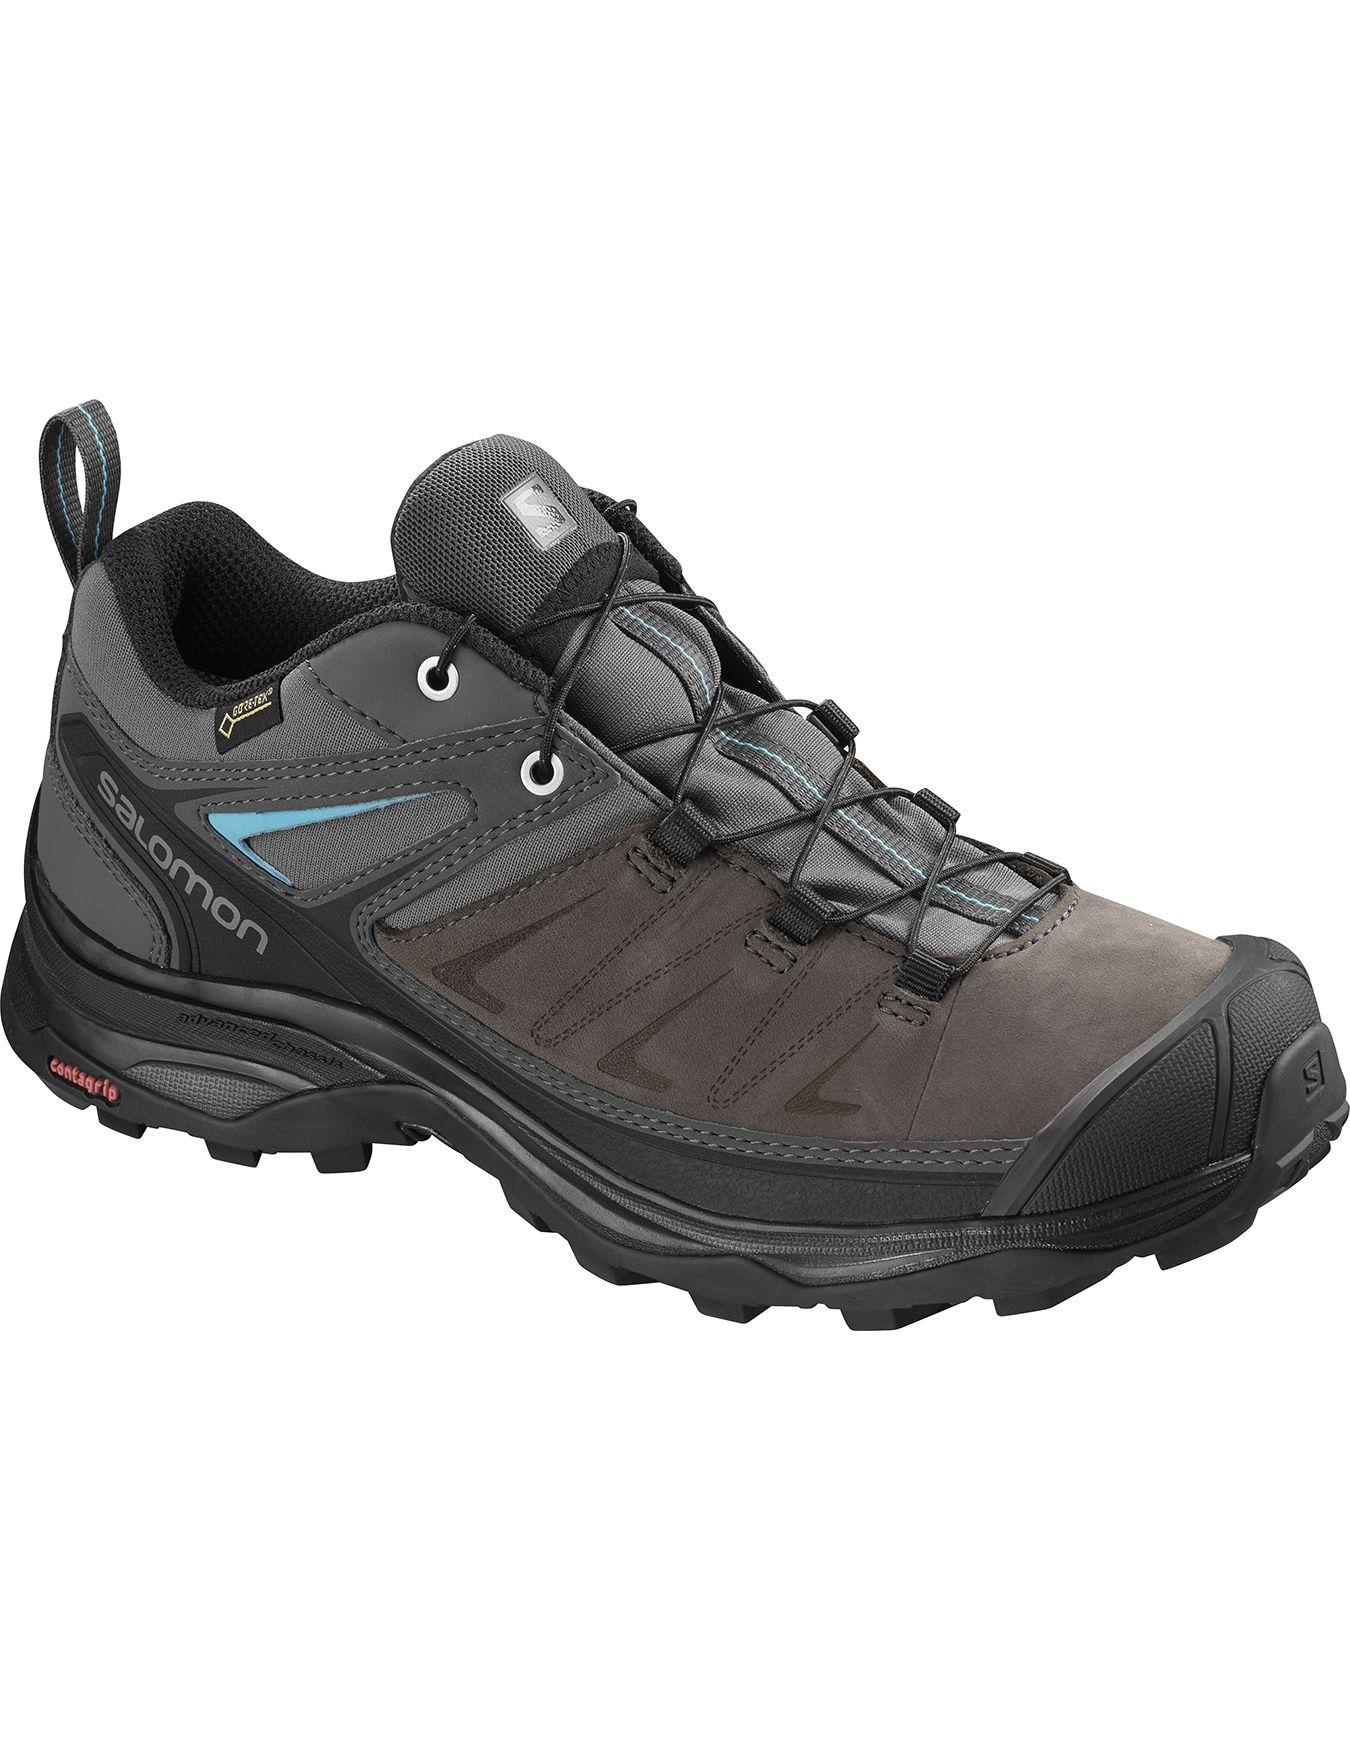 Salomon X Ultra LTR GTX Femmes chaussures de randonnée